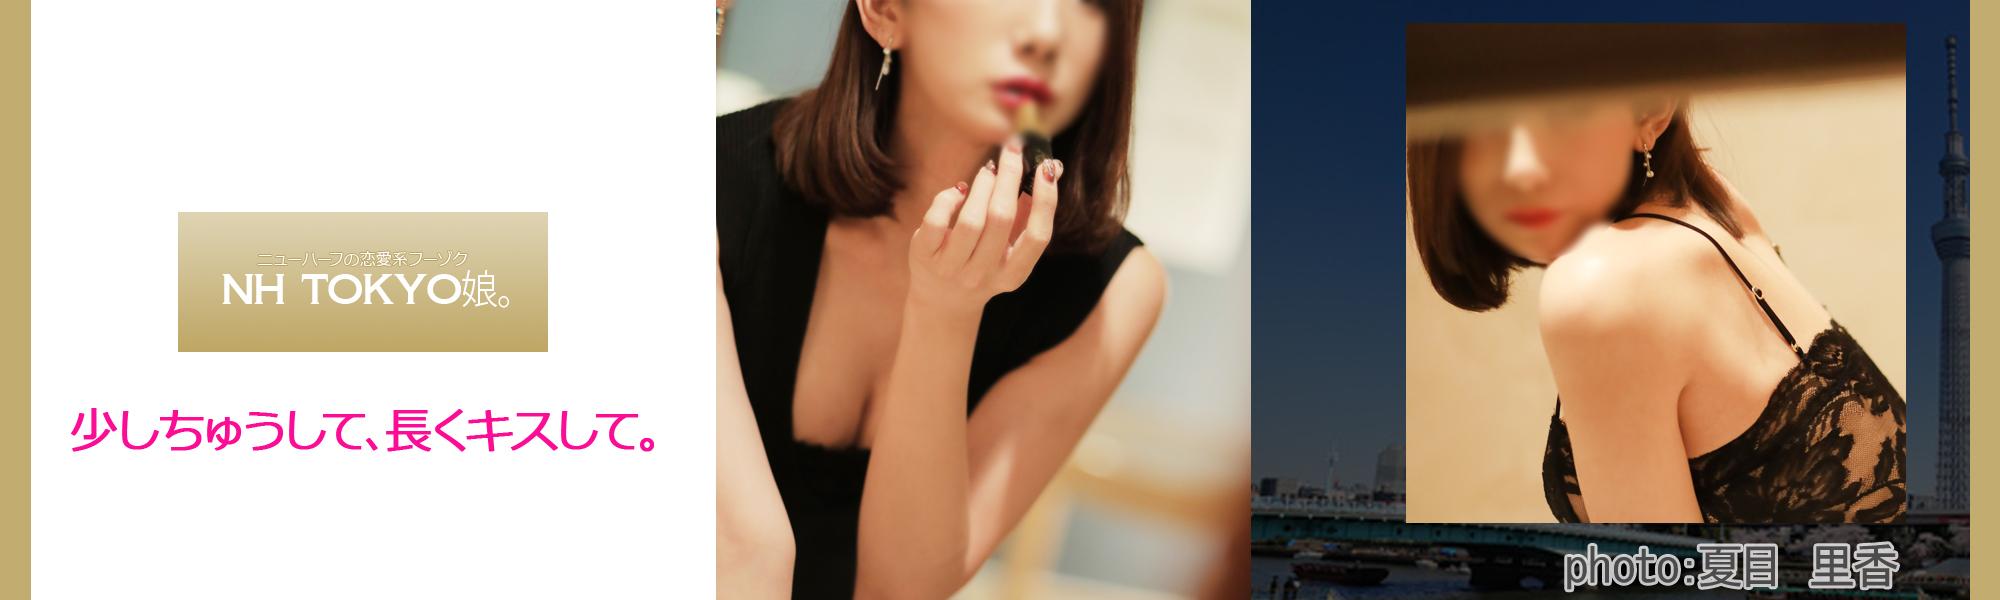 錦糸町ホテヘル ニューハーフのNH TOKYO娘。18年11月_夏目 里香